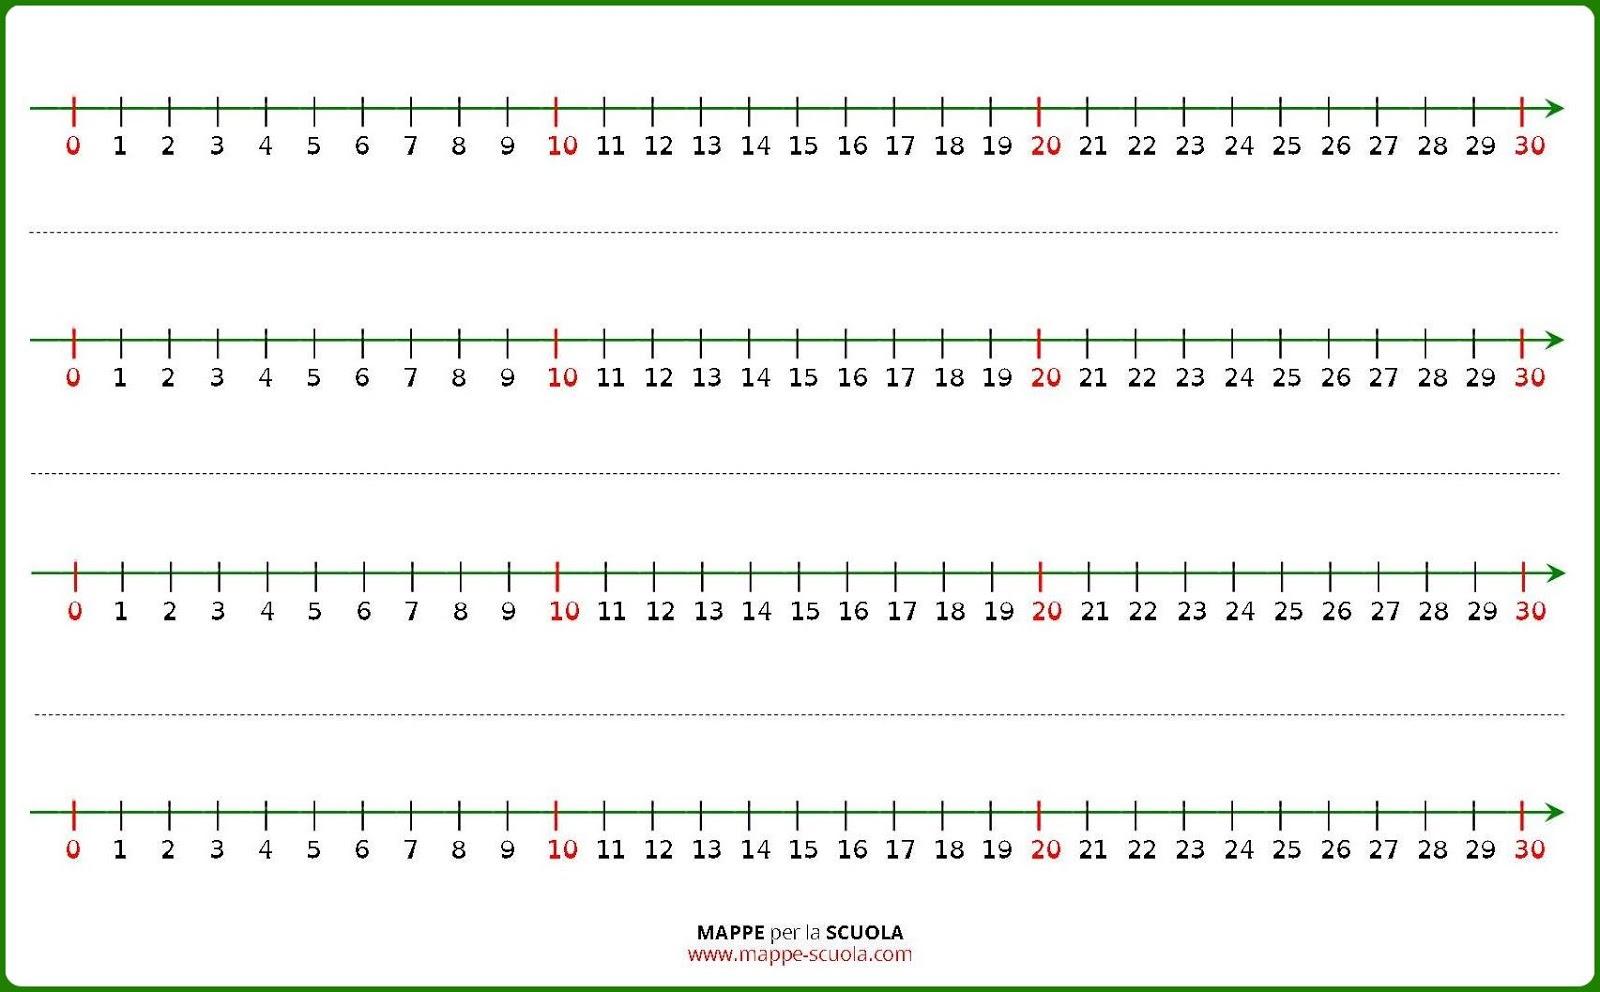 mappe per la scuola linea dei numeri del 10 del 20 del 30